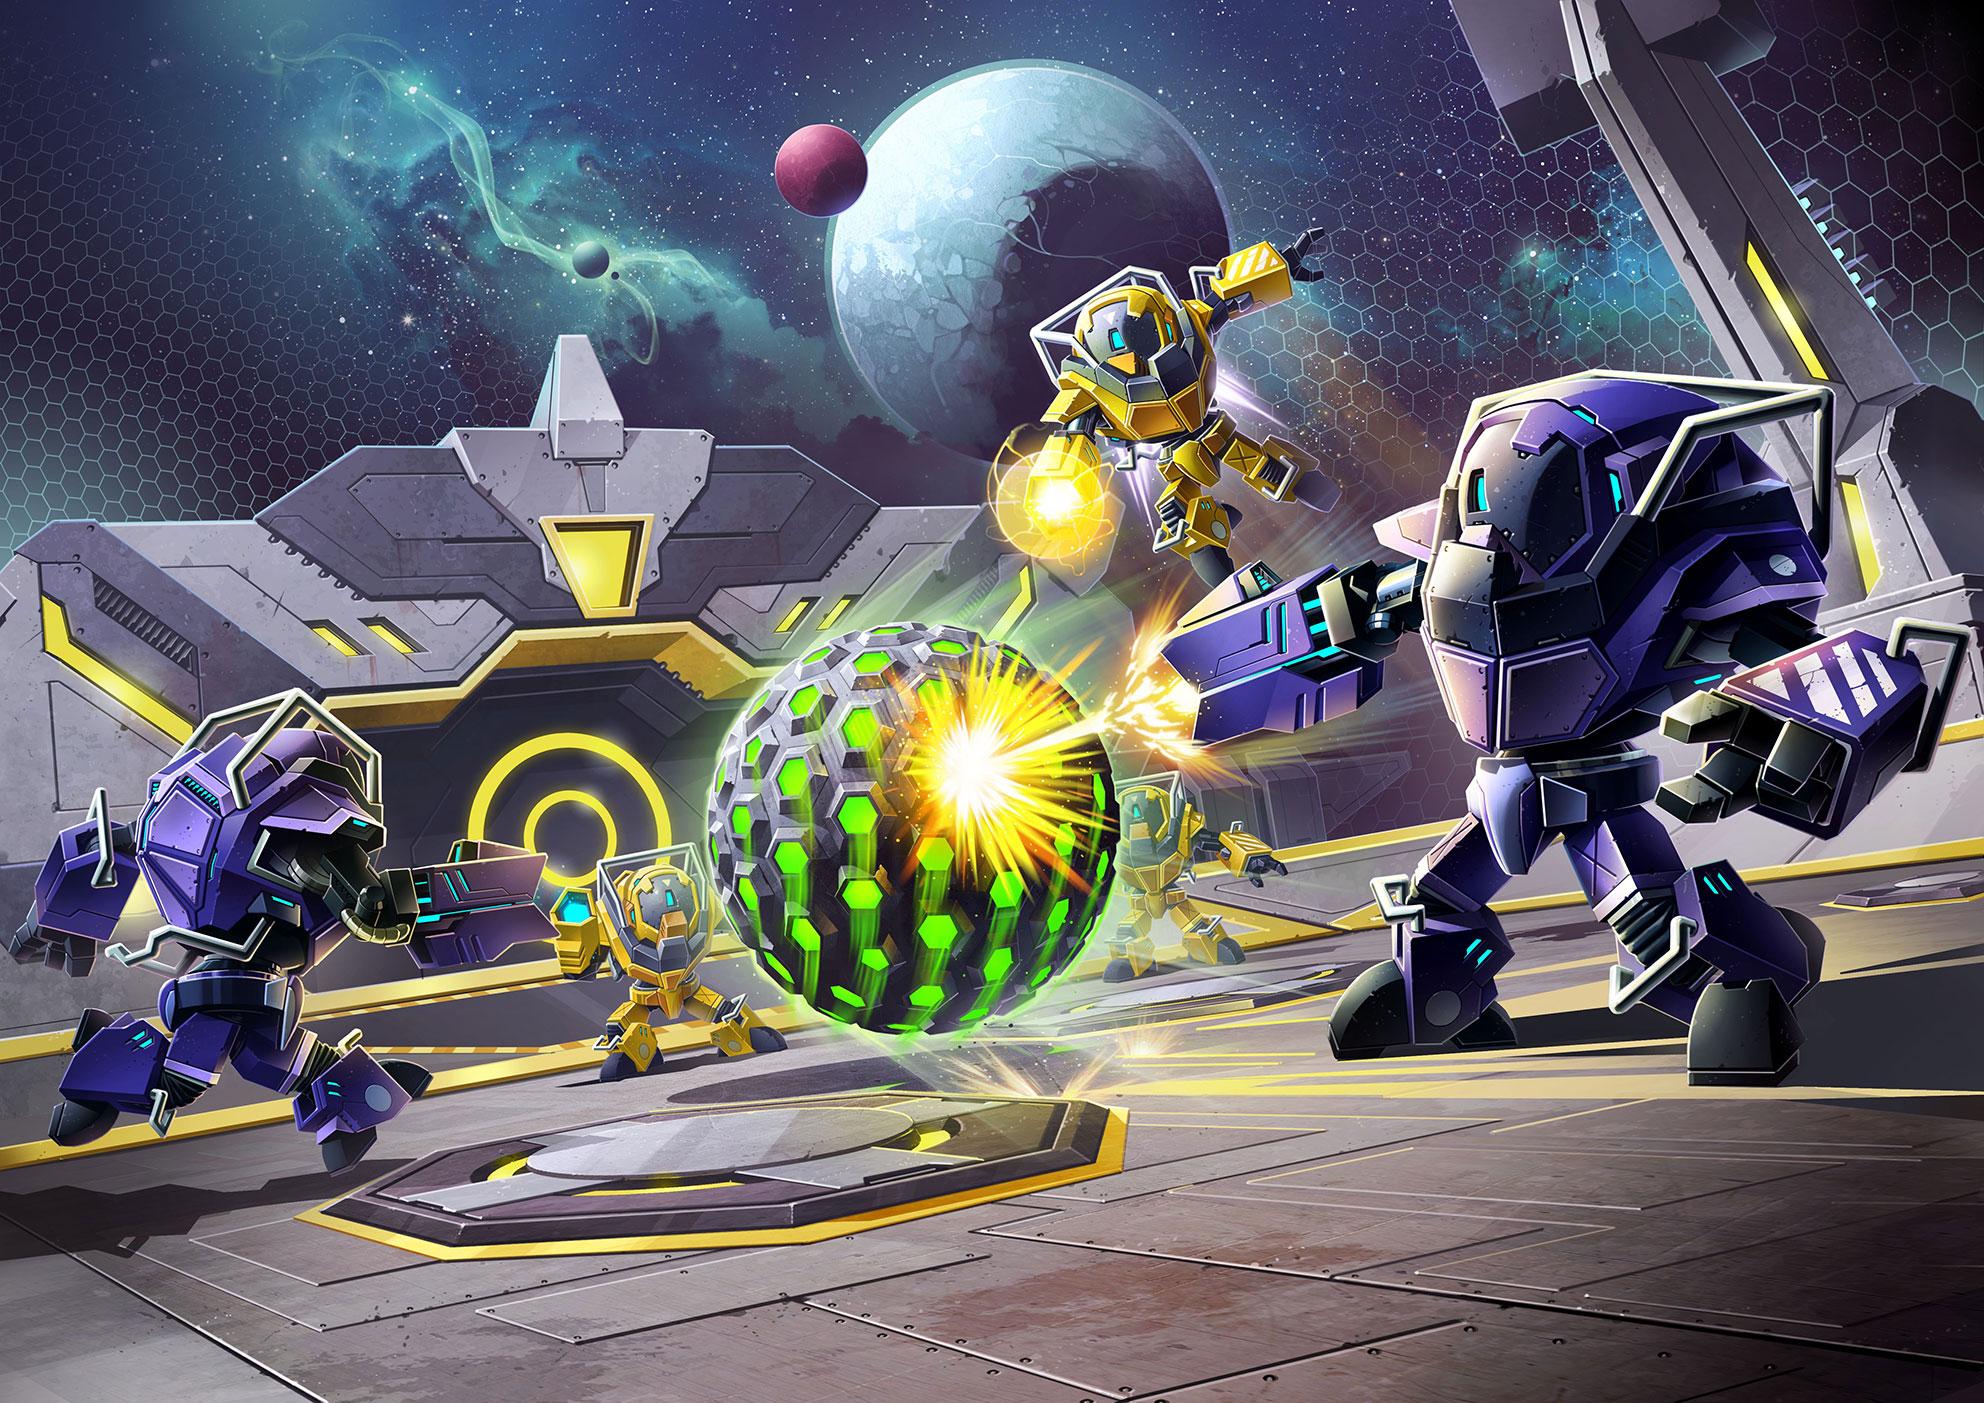 """Mit """"Metroid Prime: Federation Force"""" beschreitet Nintendos Traditions-Serie ungewohnte Wege: Anstelle eines anspruchsvollen Einzelspieler-Adventures gibt's diesmal Multiplayer-Schlachten vier gegen vier • ab 02.09. für 3DS"""